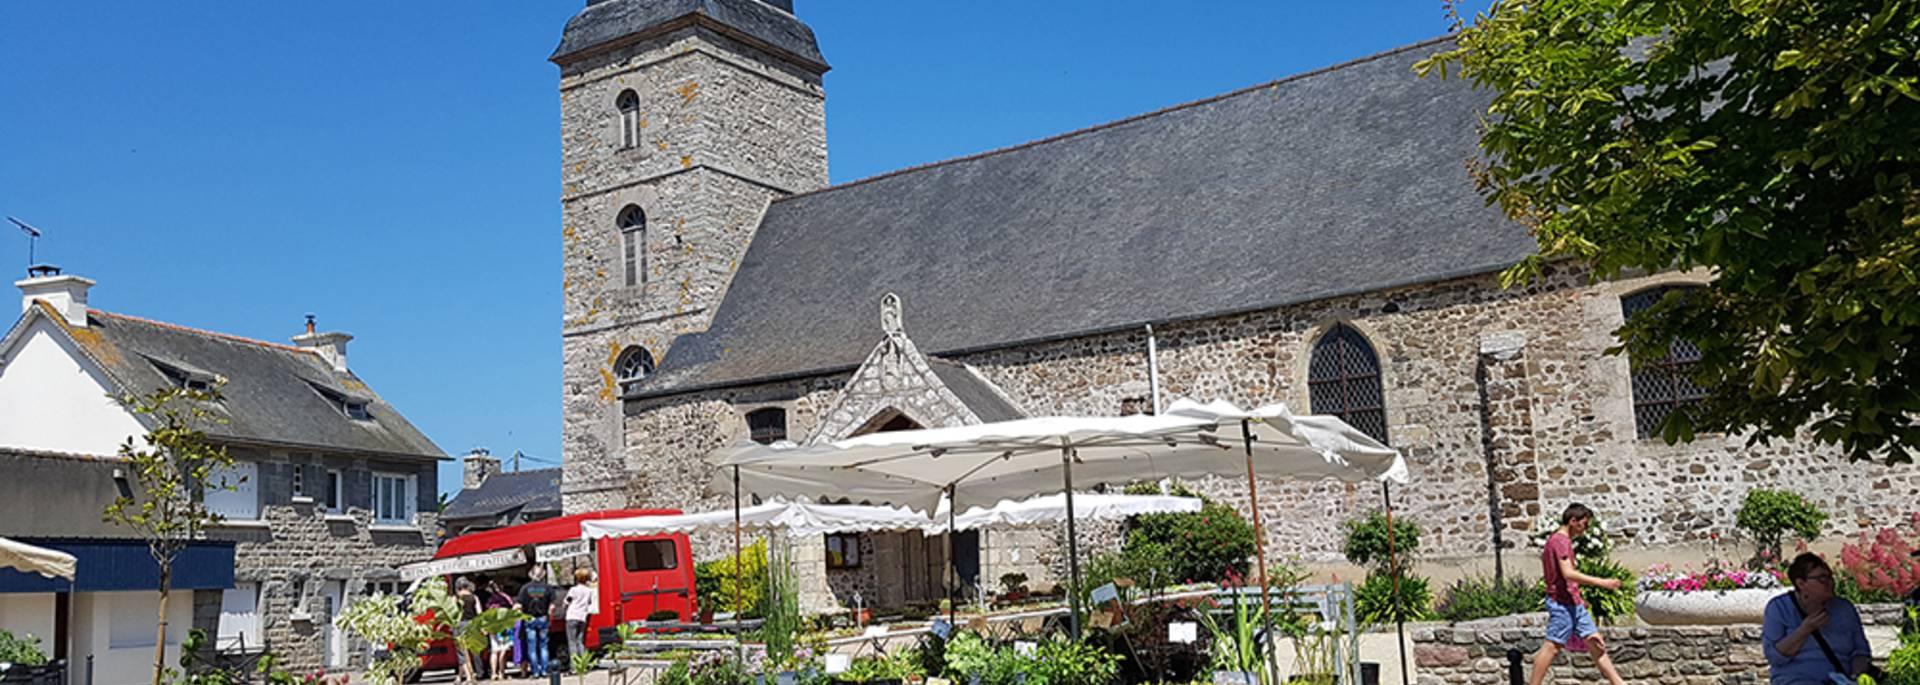 Eglise et marché aux plantes de Plurien